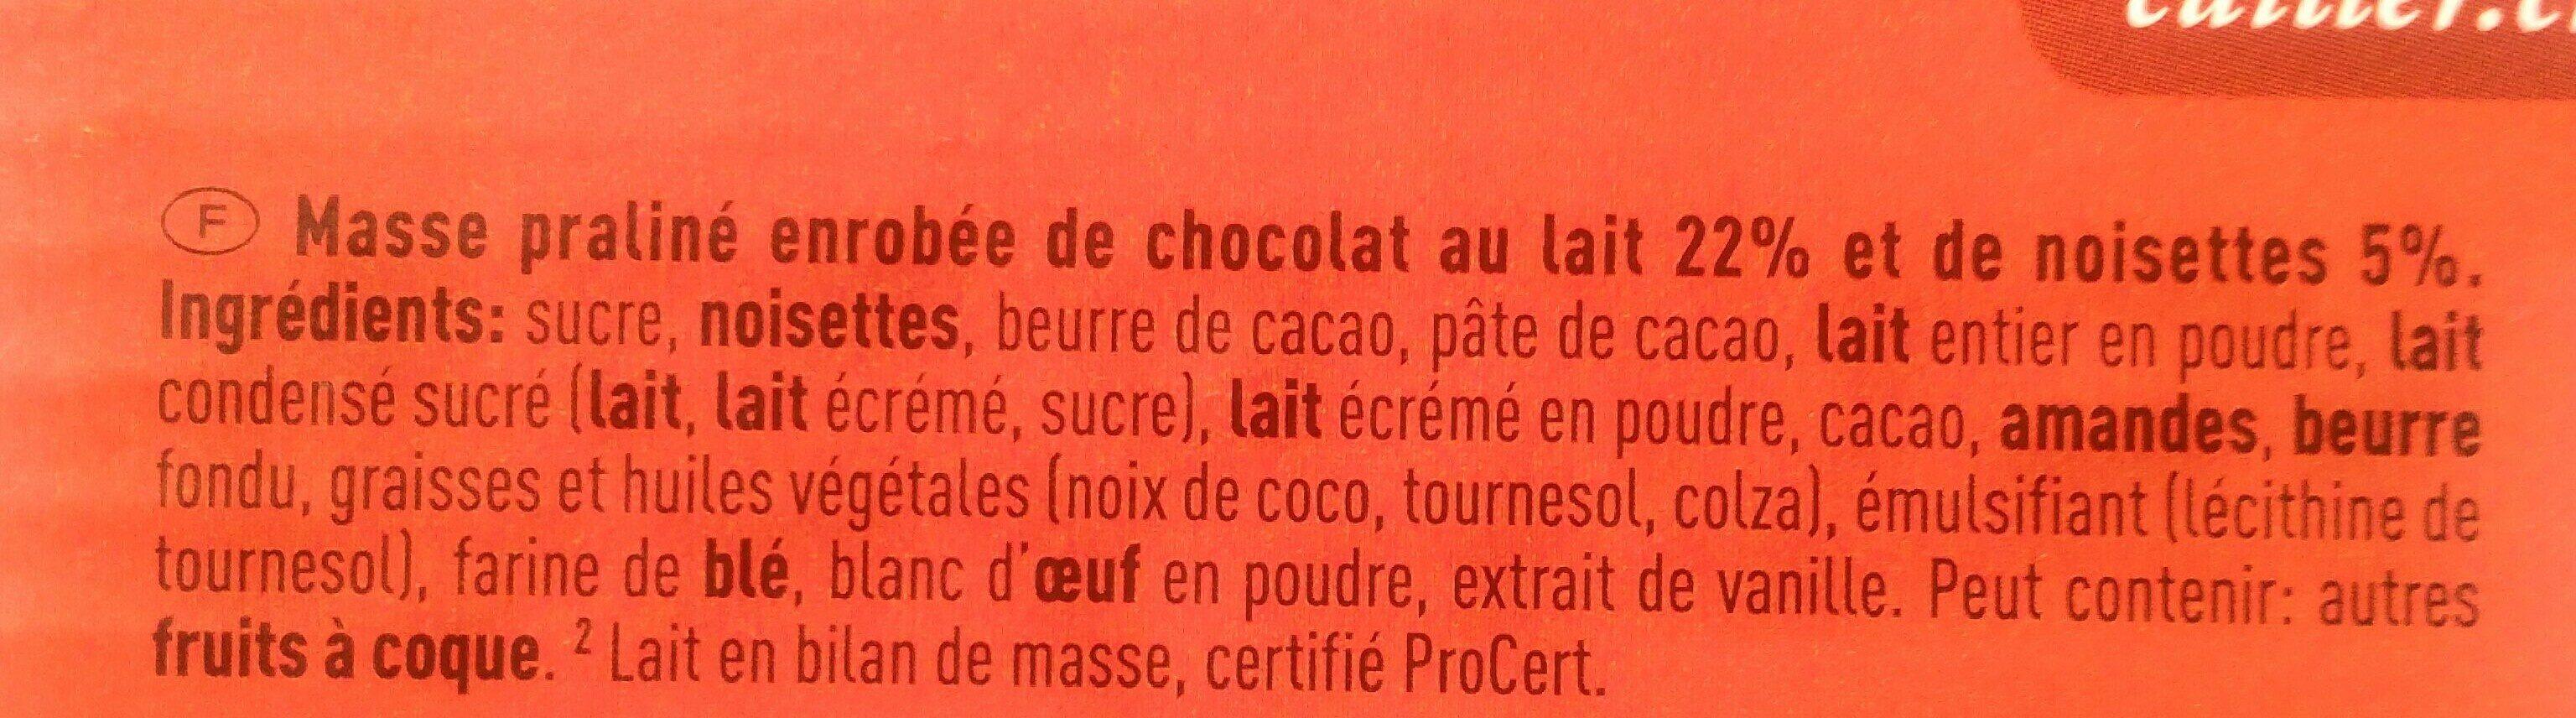 Branche au chocolat suisse - Ingrédients - fr